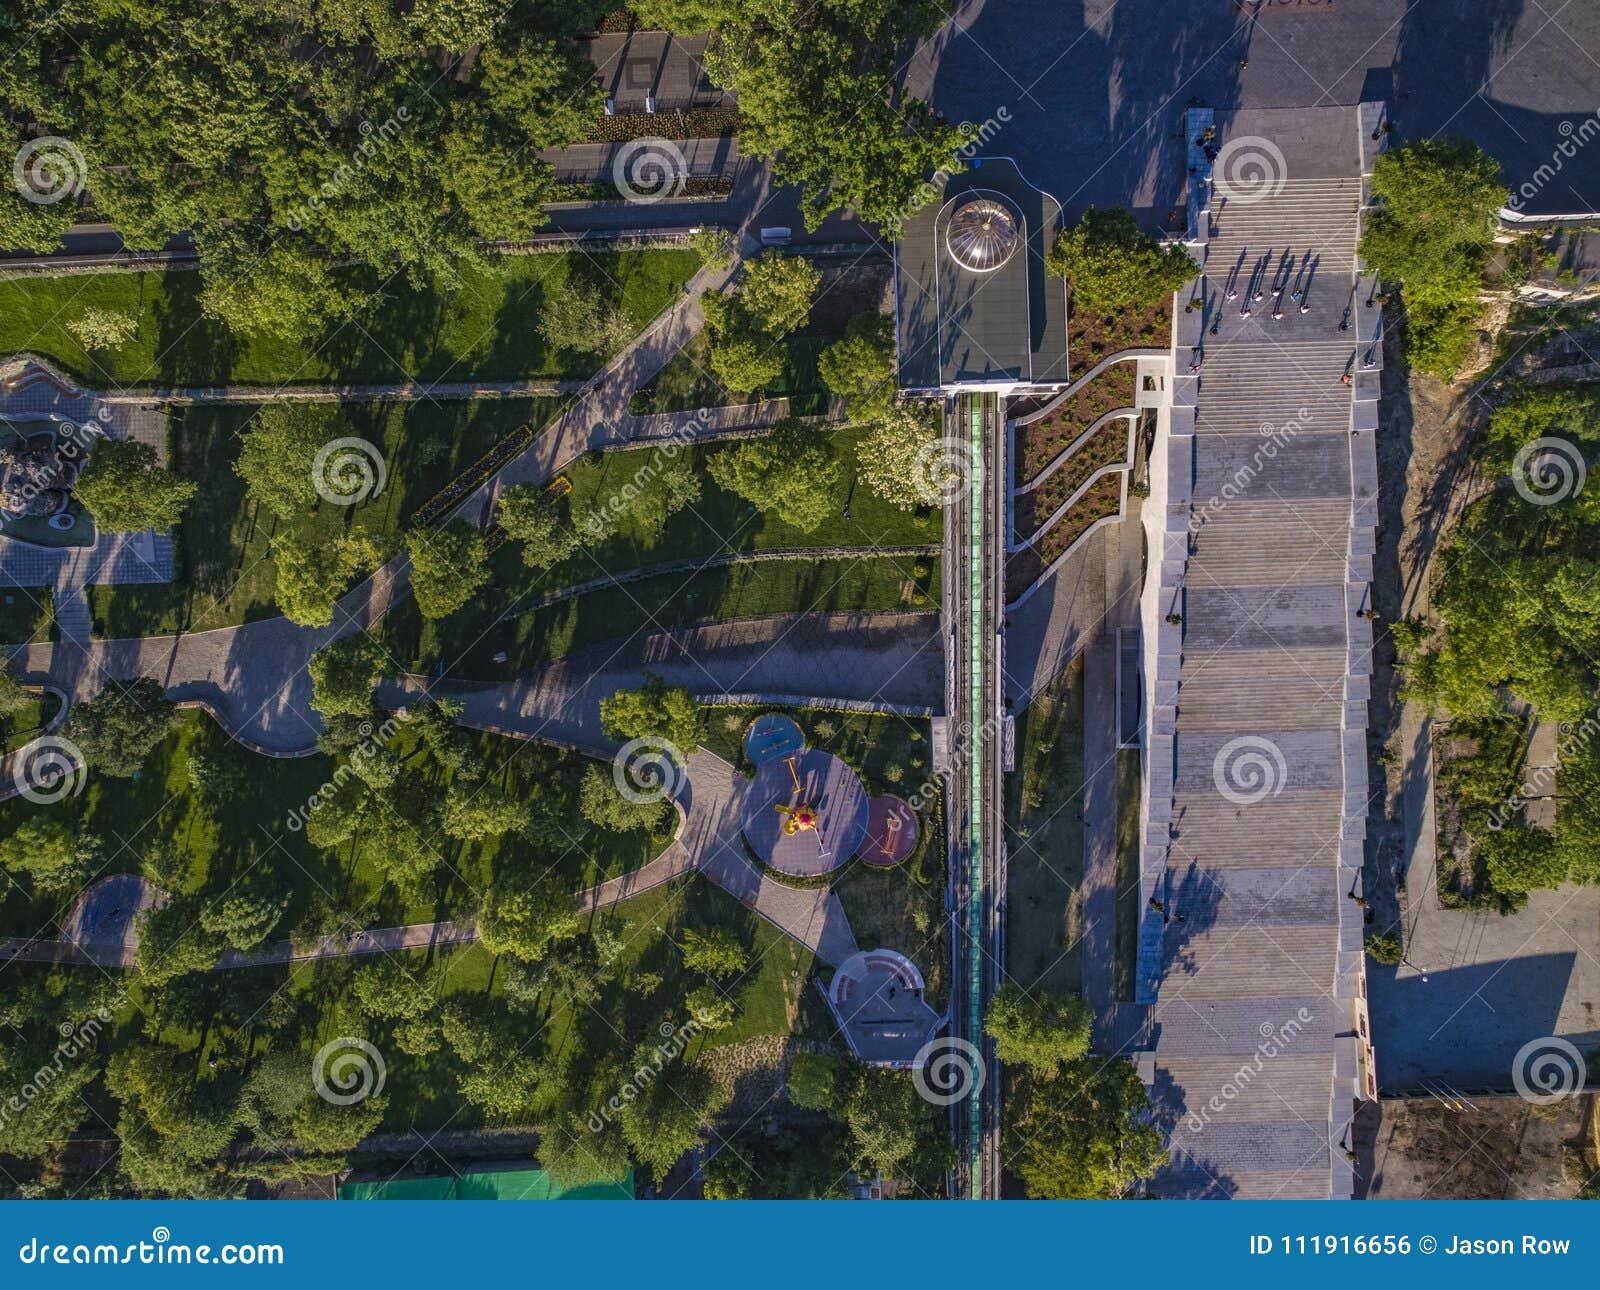 Potemkin Steps Istanbul Park Aerial in Odessa